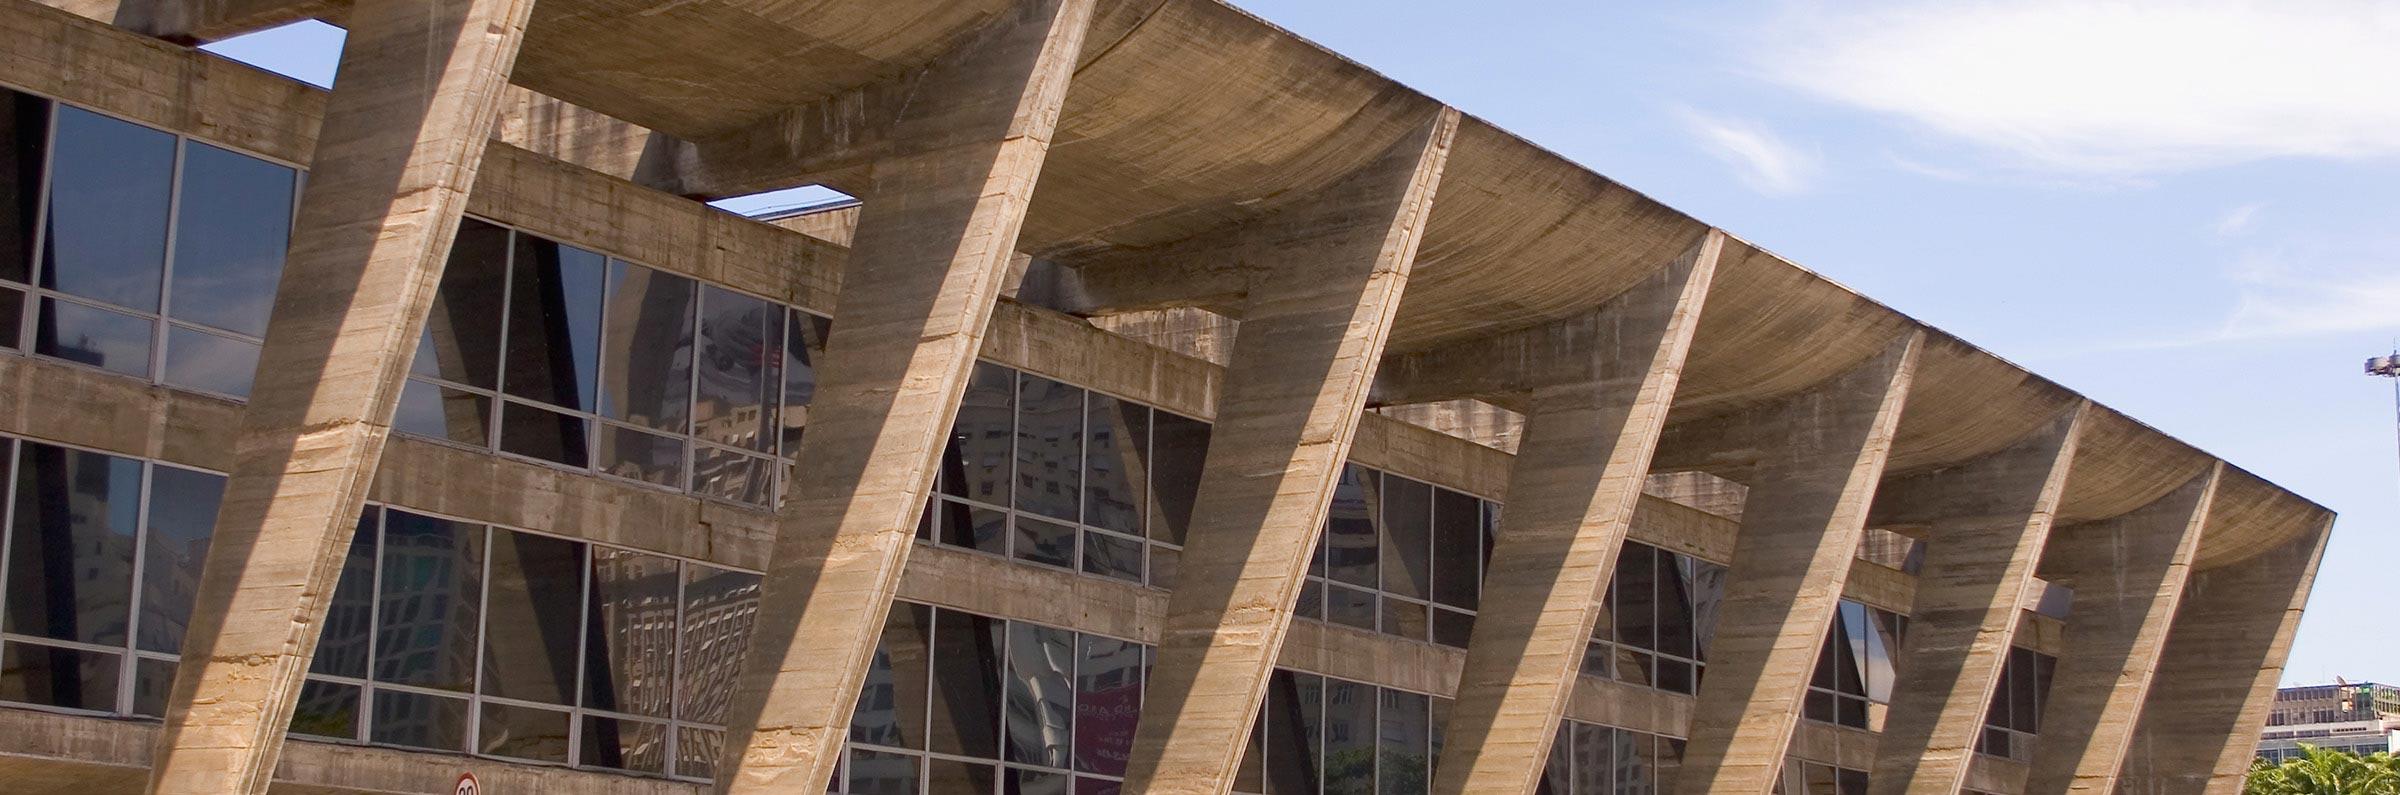 Arte e cultura in Rio